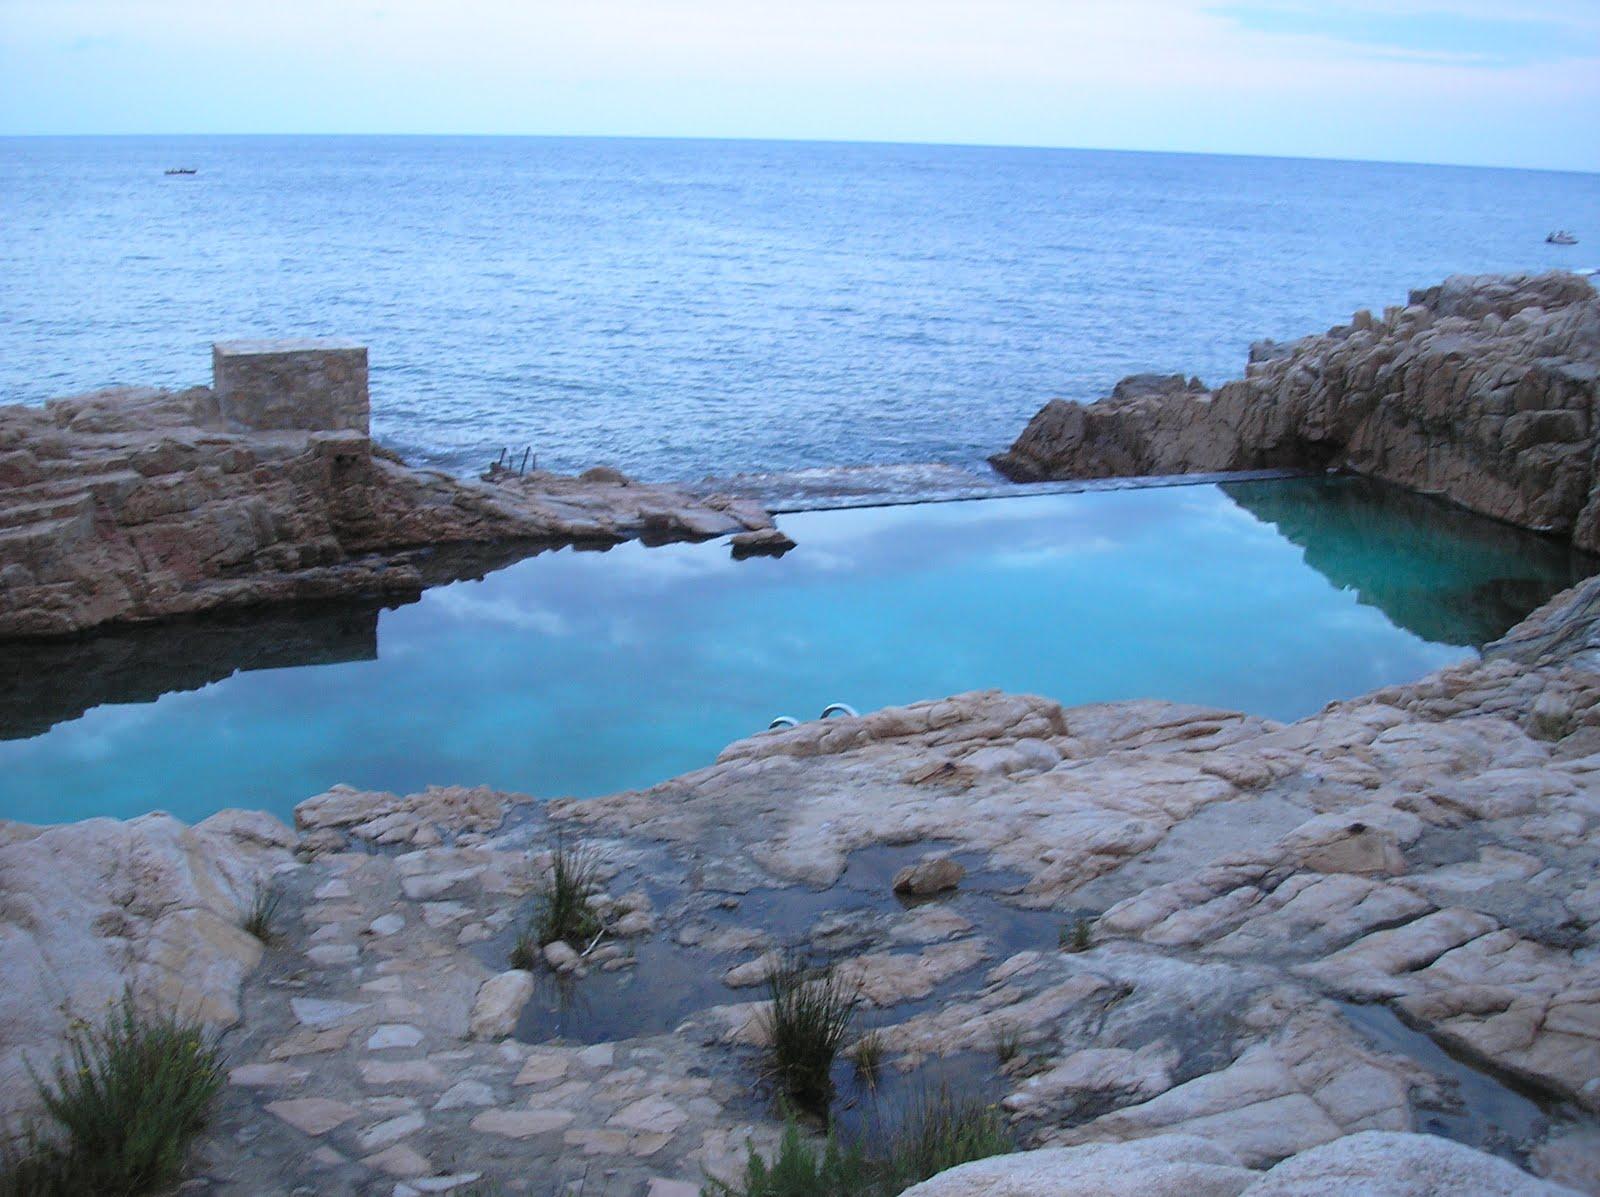 La piscina de la vergonya laura guerrero folch for Piscinas naturales begur